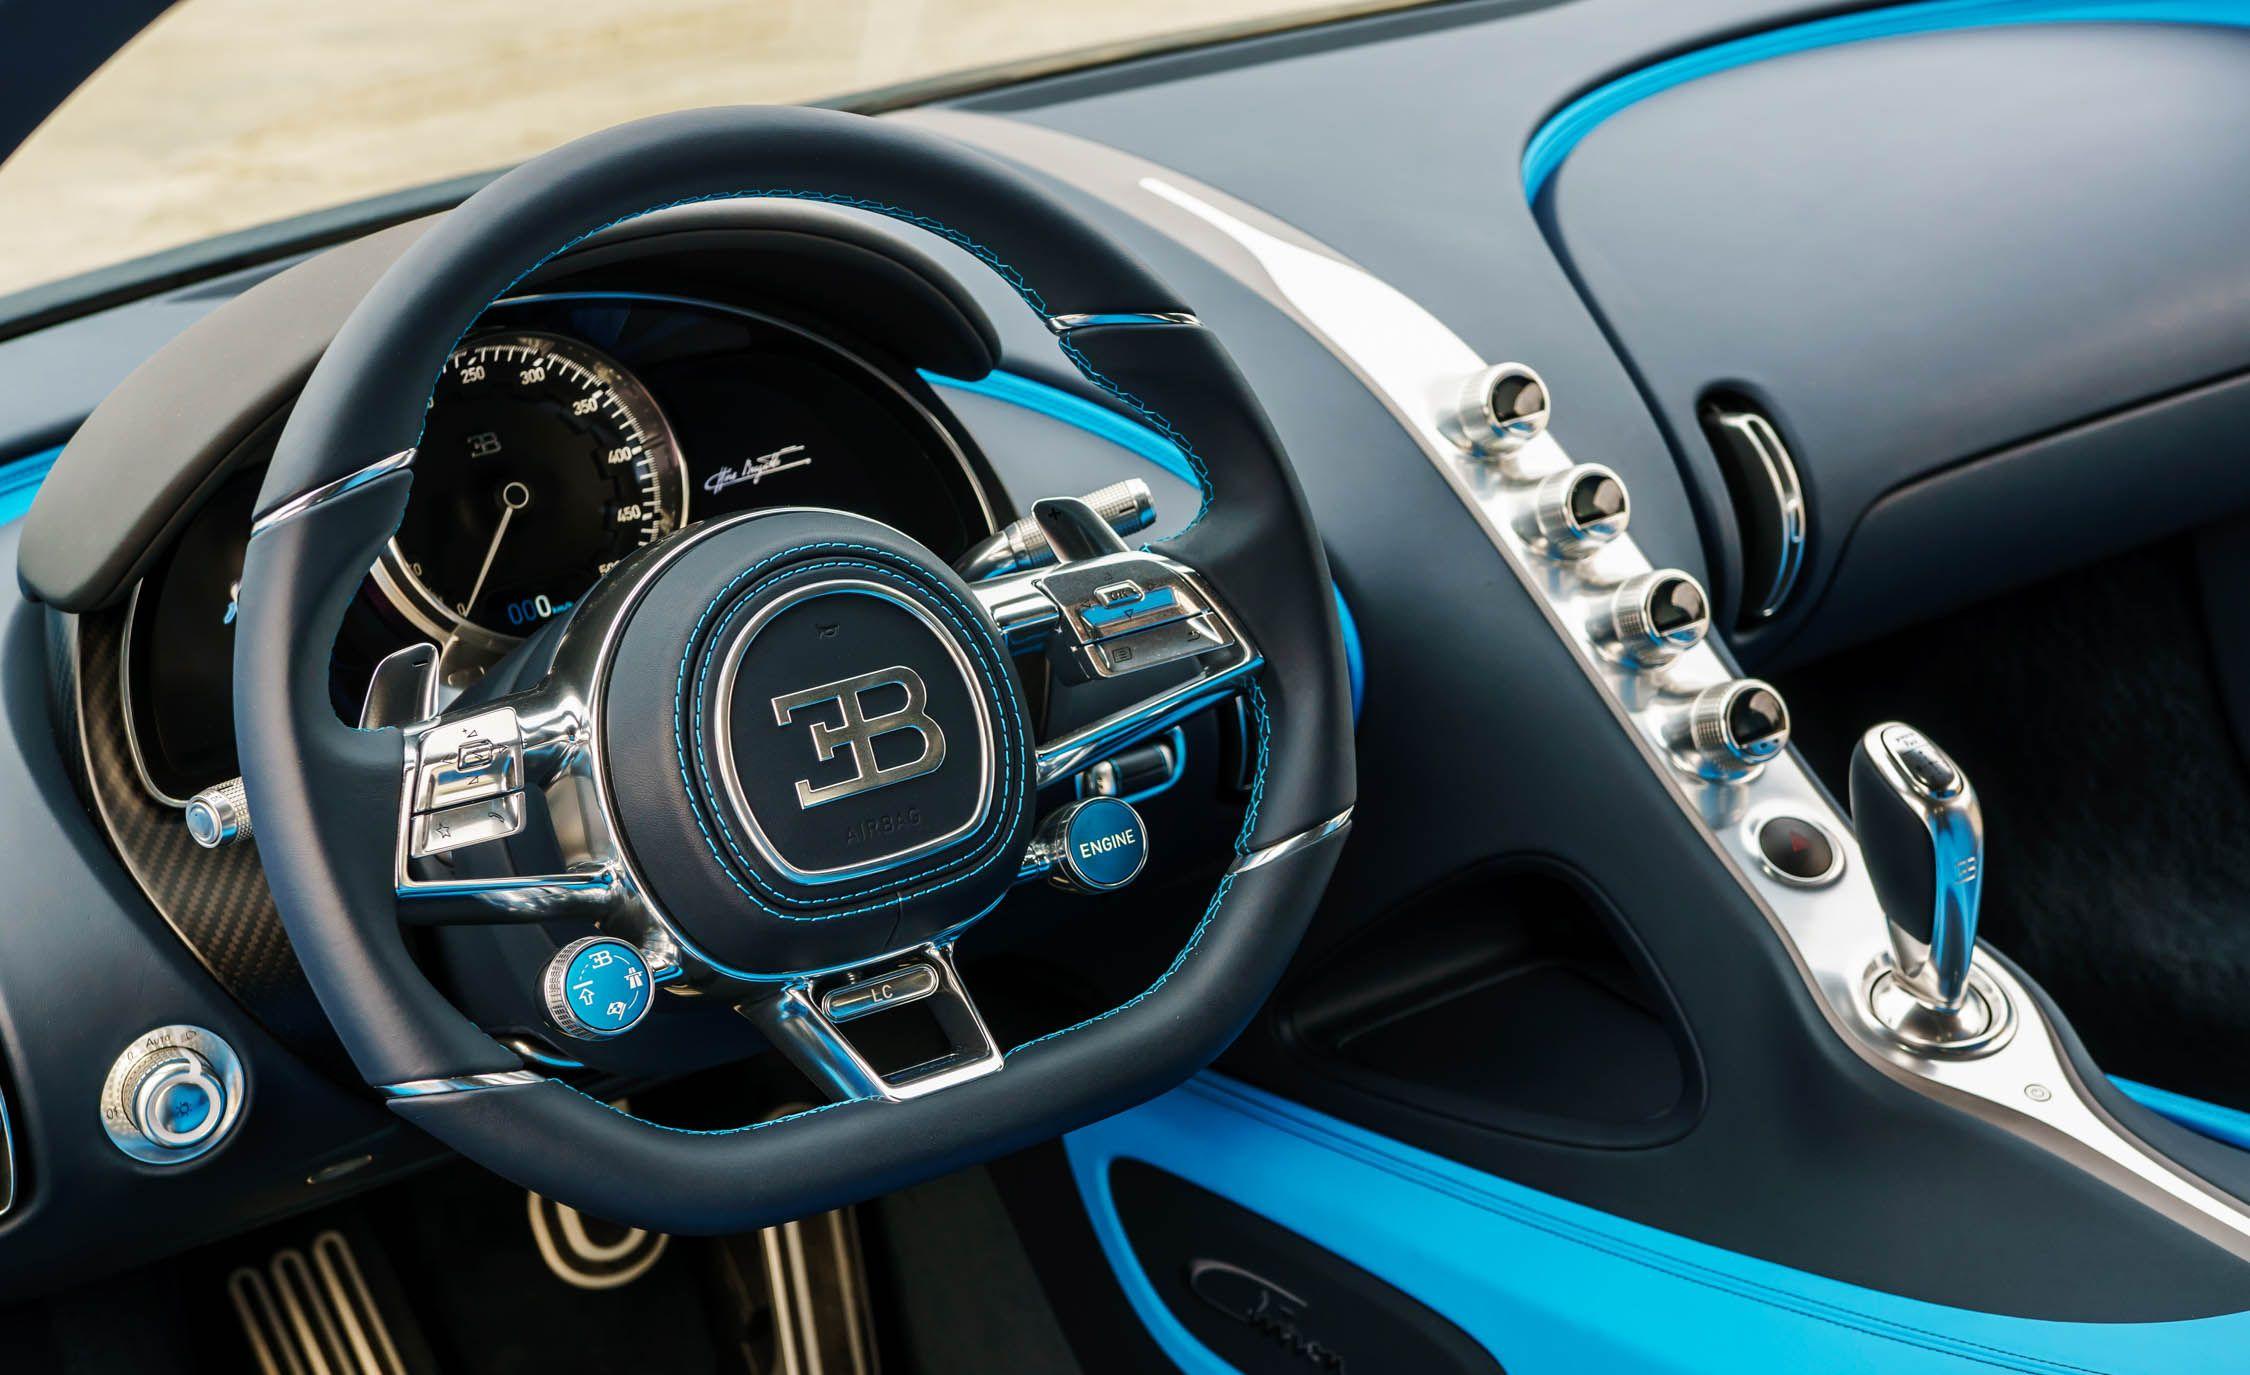 Bugatti Chiron Reviews | Bugatti Chiron Price, Photos, and Specs ...